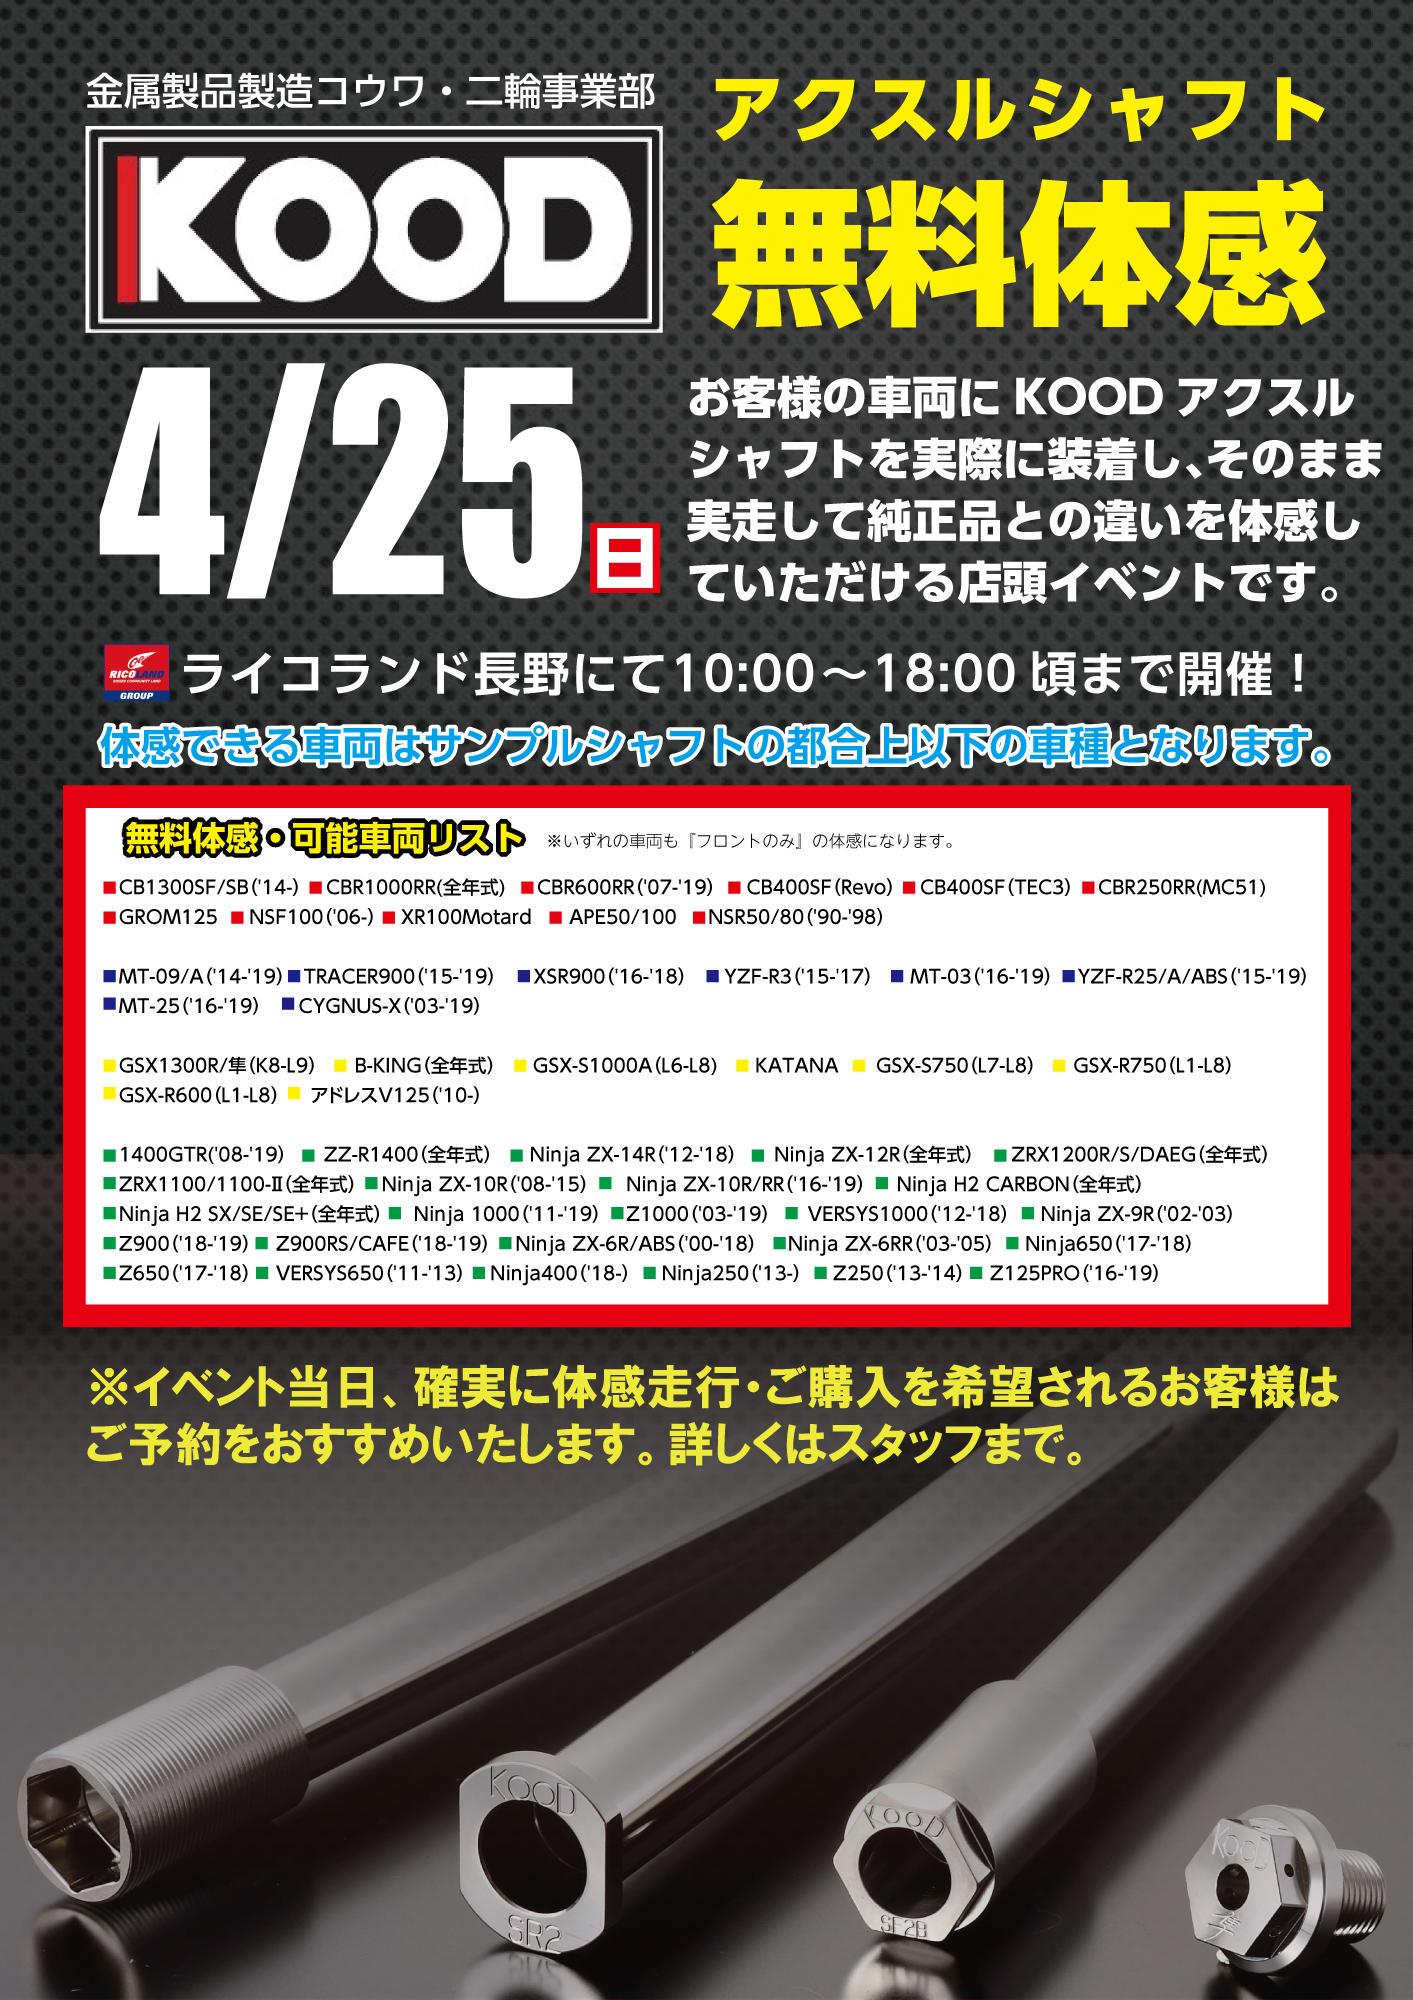 KOOD_event_2021_2020.jpg